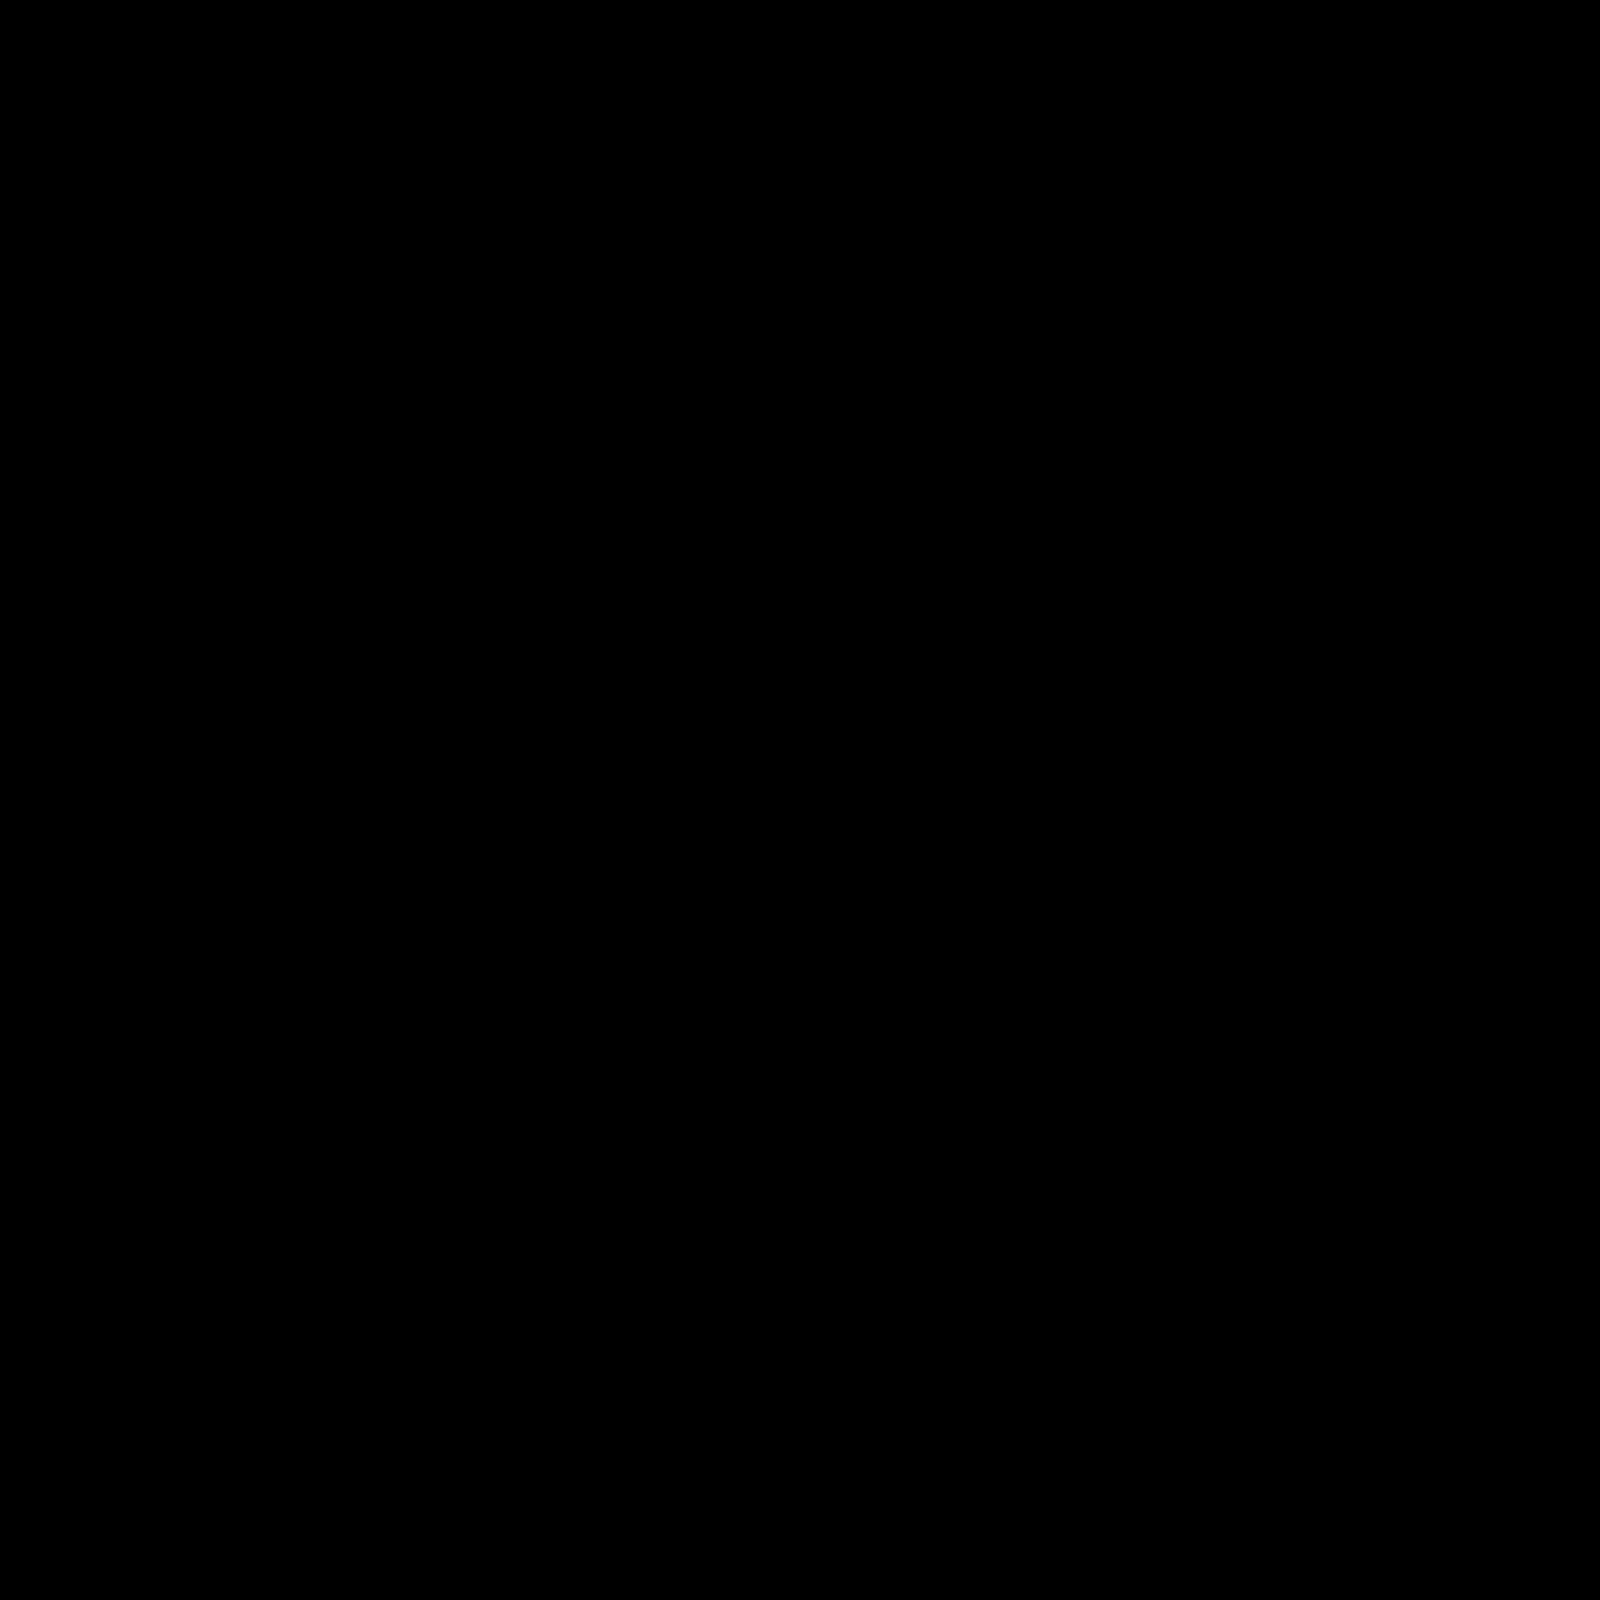 实心圈4  icon